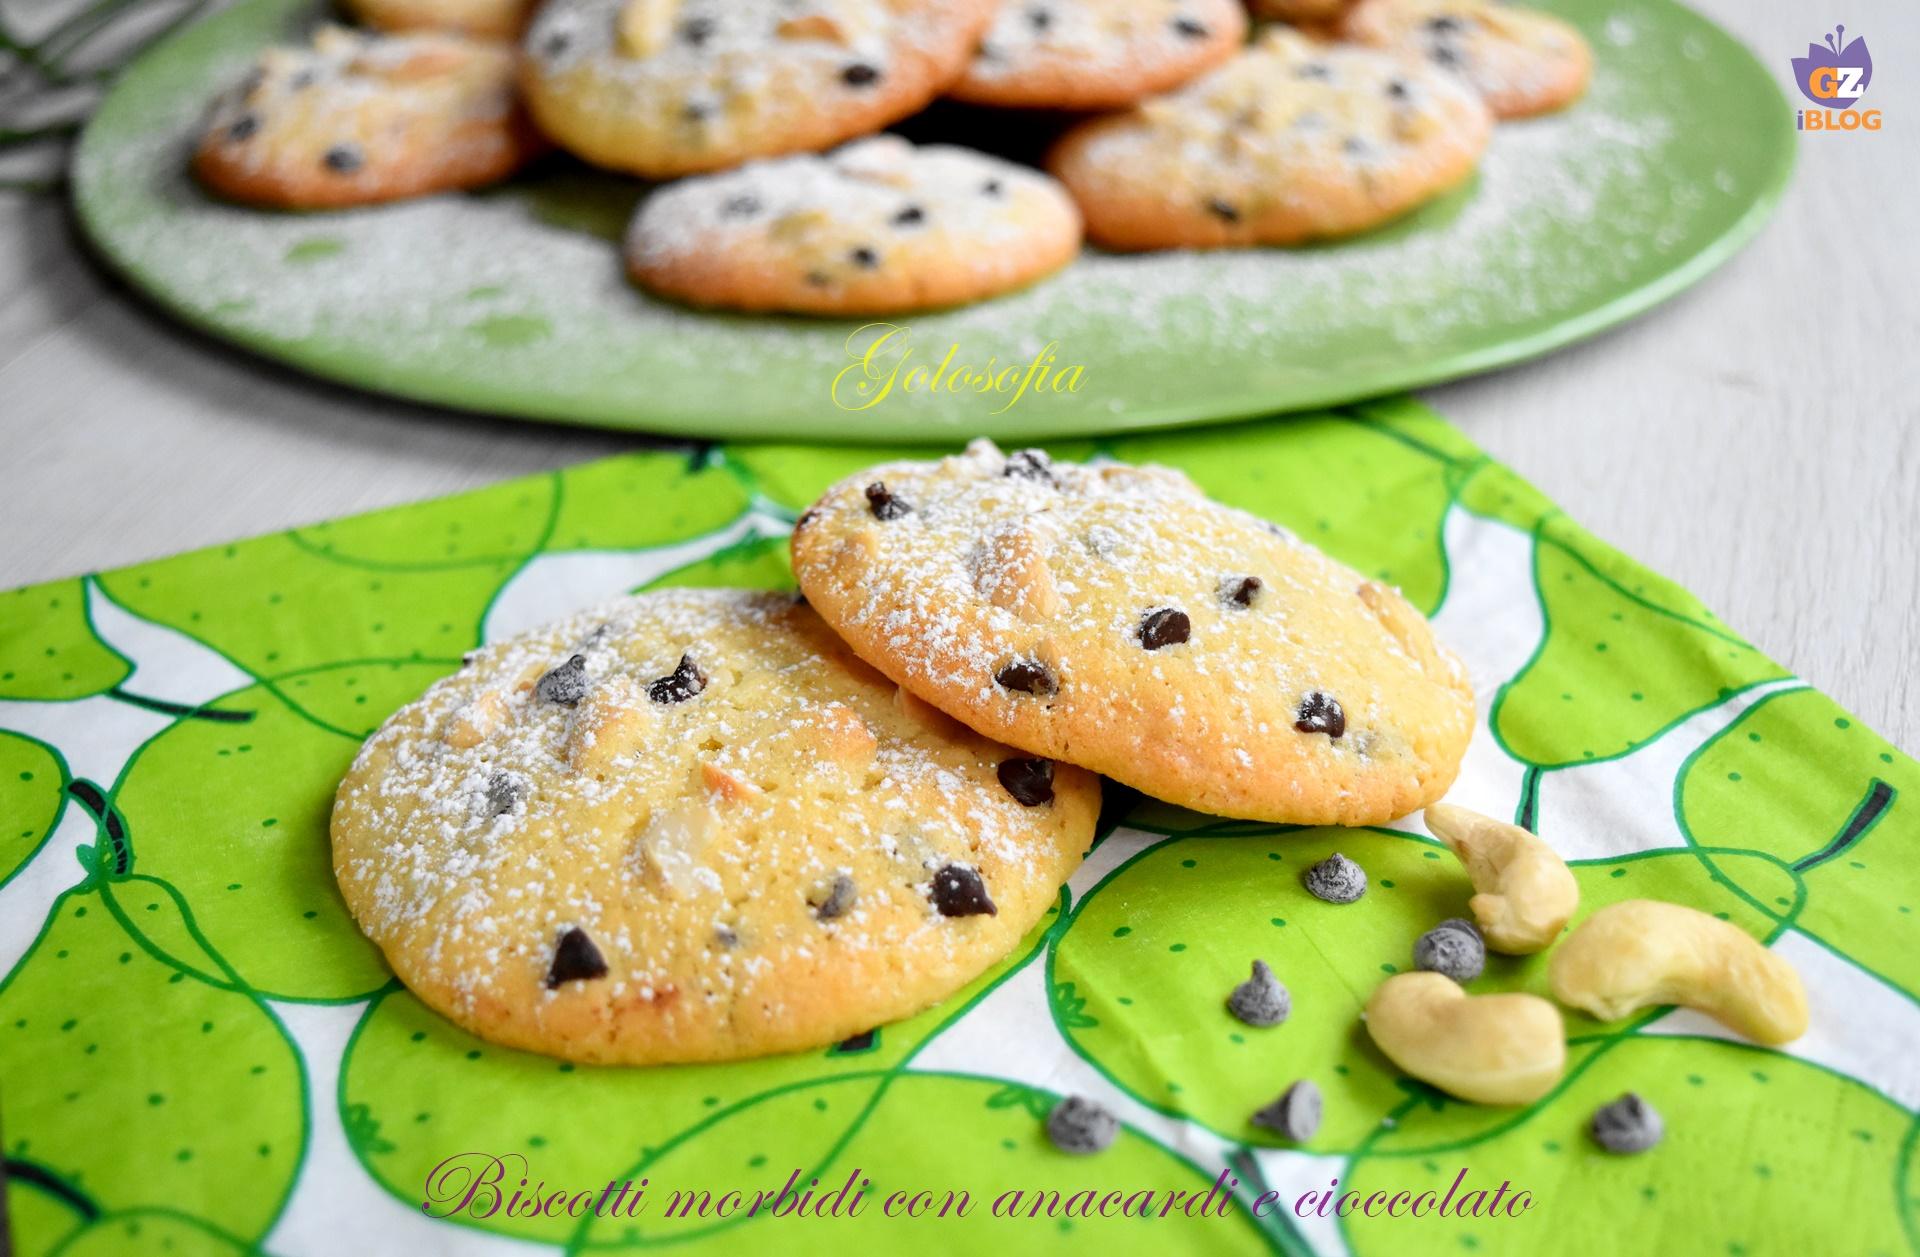 Biscotti morbidi con anacardi e cioccolato-ricetta biscotti-golosofia